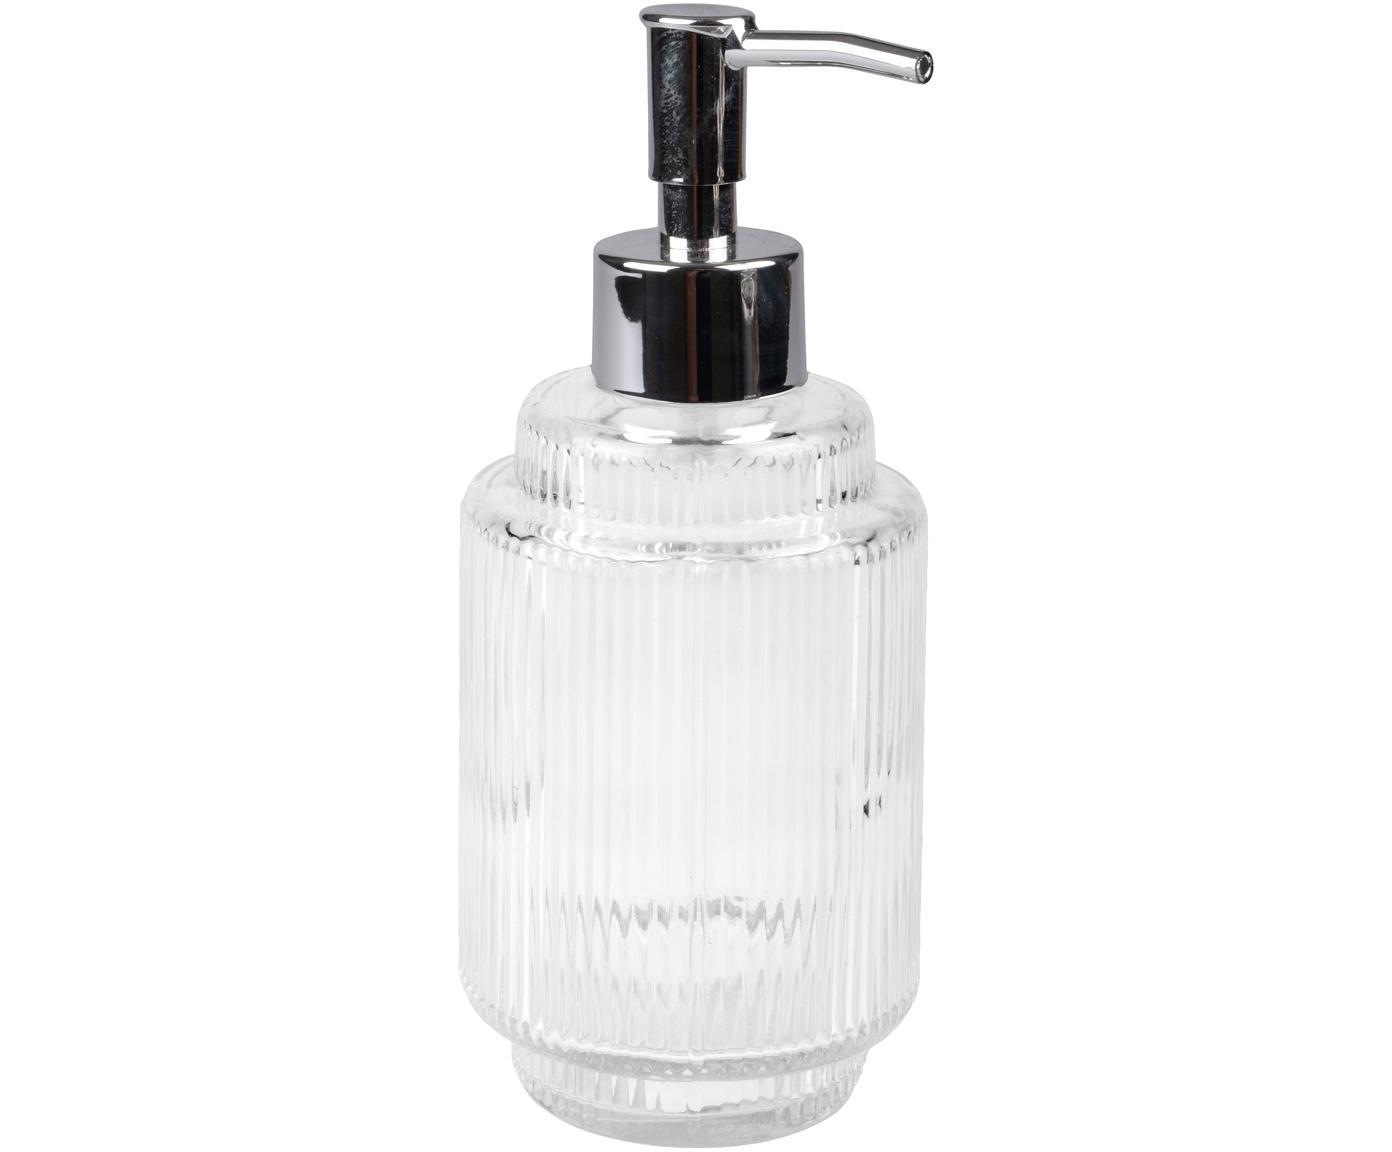 Dozownik do mydła ze szkła karbowanego Ligia, Szkło, Transparentny, odcienie srebrnego, Ø 8 x W 19 cm